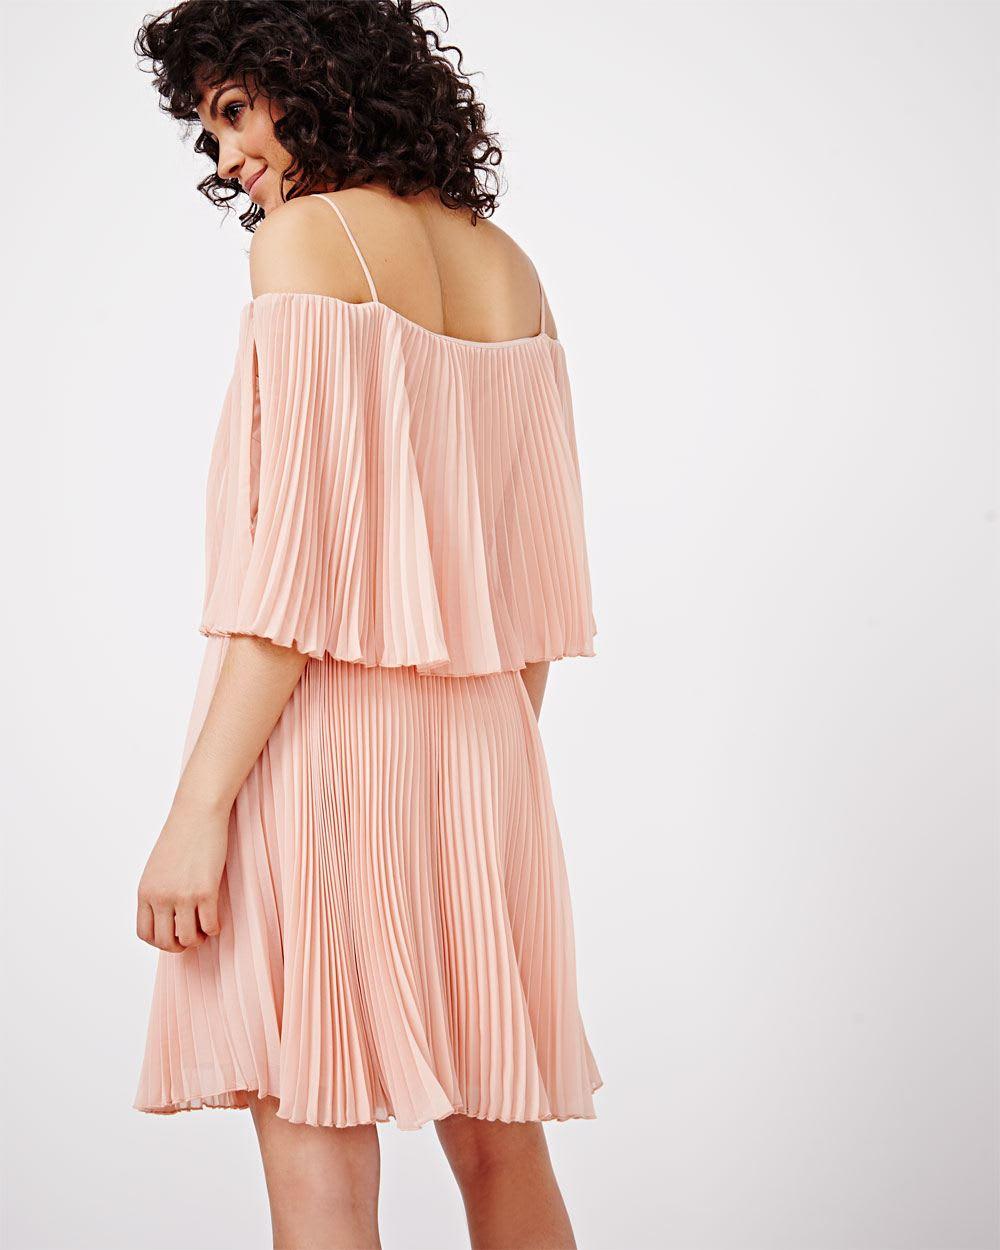 9cc28393cbe600 ABS by Allen Schwartz Cold-Shoulder Pleated Dress